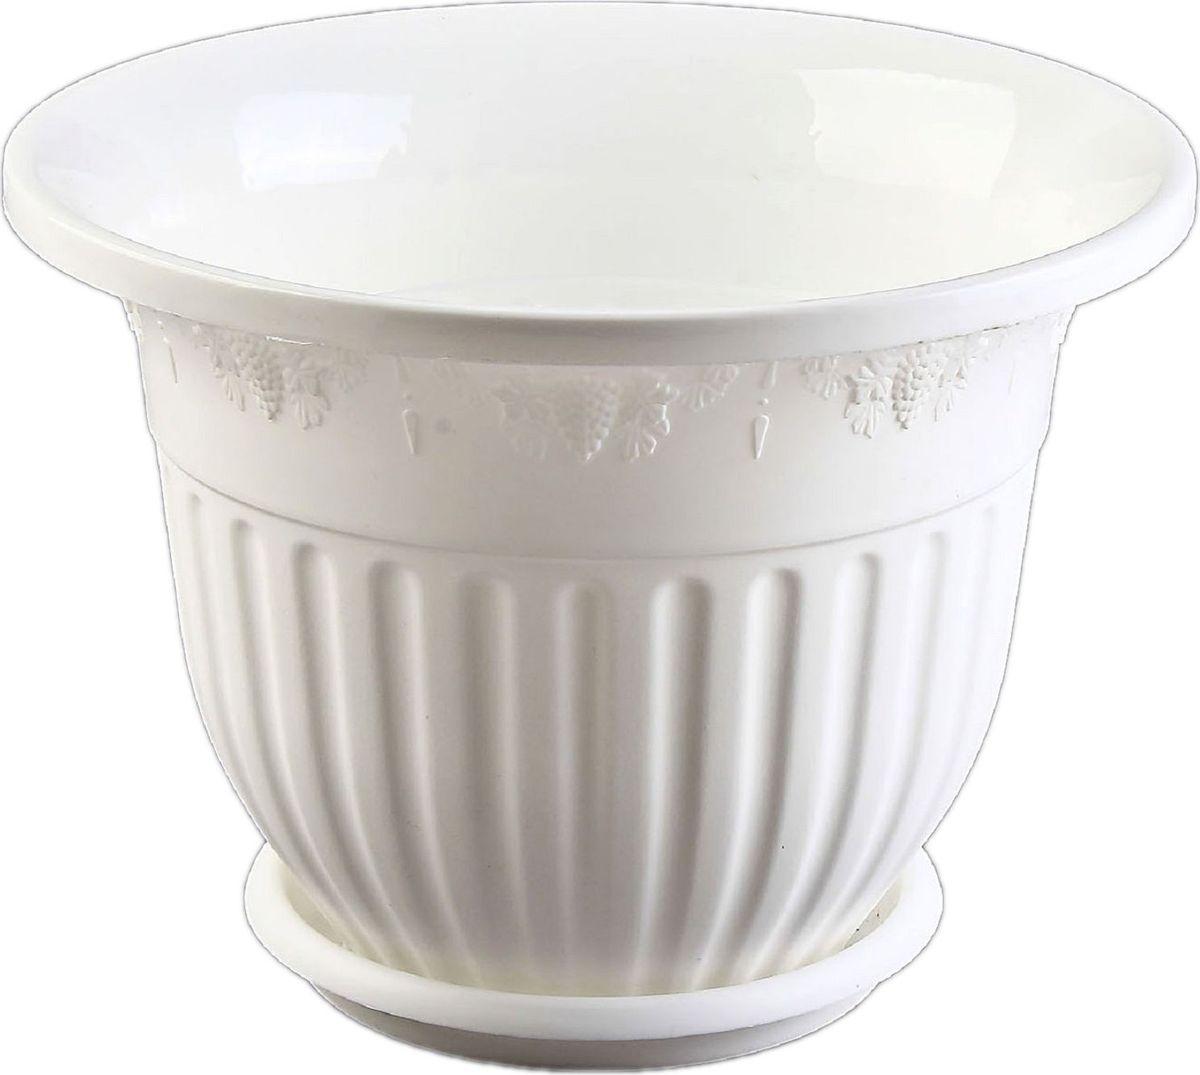 Кашпо Альтернатива Лозанна, с поддоном, цвет: белый, 3 лA6483LM-6WHЛюбой, даже самый современный и продуманный интерьер будет не завершённым без растений. Они не только очищают воздух и насыщают его кислородом, но и заметно украшают окружающее пространство. Такому полезному члену семьи просто необходимо красивое и функциональное кашпо, оригинальный горшок или необычная ваза! Мы предлагаем - Горшок-кашпо 3 л Лозанна, поддон, цвет белый! Оптимальный выбор материала пластмасса! Почему мы так считаем? Малый вес. С лёгкостью переносите горшки и кашпо с места на место, ставьте их на столики или полки, подвешивайте под потолок, не беспокоясь о нагрузке. Простота ухода. Пластиковые изделия не нуждаются в специальных условиях хранения. Их легко чистить достаточно просто сполоснуть тёплой водой. Никаких царапин. Пластиковые кашпо не царапают и не загрязняют поверхности, на которых стоят. Пластик дольше хранит влагу, а значит растение реже нуждается в поливе. Пластмасса не пропускает воздух корневой системе растения не грозят резкие перепады температур. Огромный выбор форм, декора и расцветок вы без труда подберёте что-то, что идеально впишется в уже существующий интерьер. Соблюдая нехитрые правила ухода, вы можете заметно продлить срок службы горшков, вазонов и кашпо из пластика: всегда учитывайте размер кроны и корневой системы растения (при разрастании большое растение способно повредить маленький горшок)берегите изделие от воздействия прямых солнечных лучей, чтобы кашпо и горшки не выцветалидержите кашпо и горшки из пластика подальше от нагревающихся поверхностей. Создавайте прекрасные цветочные композиции, выращивайте рассаду или необычные растения, а низкие цены позволят вам не ограничивать себя в выборе.